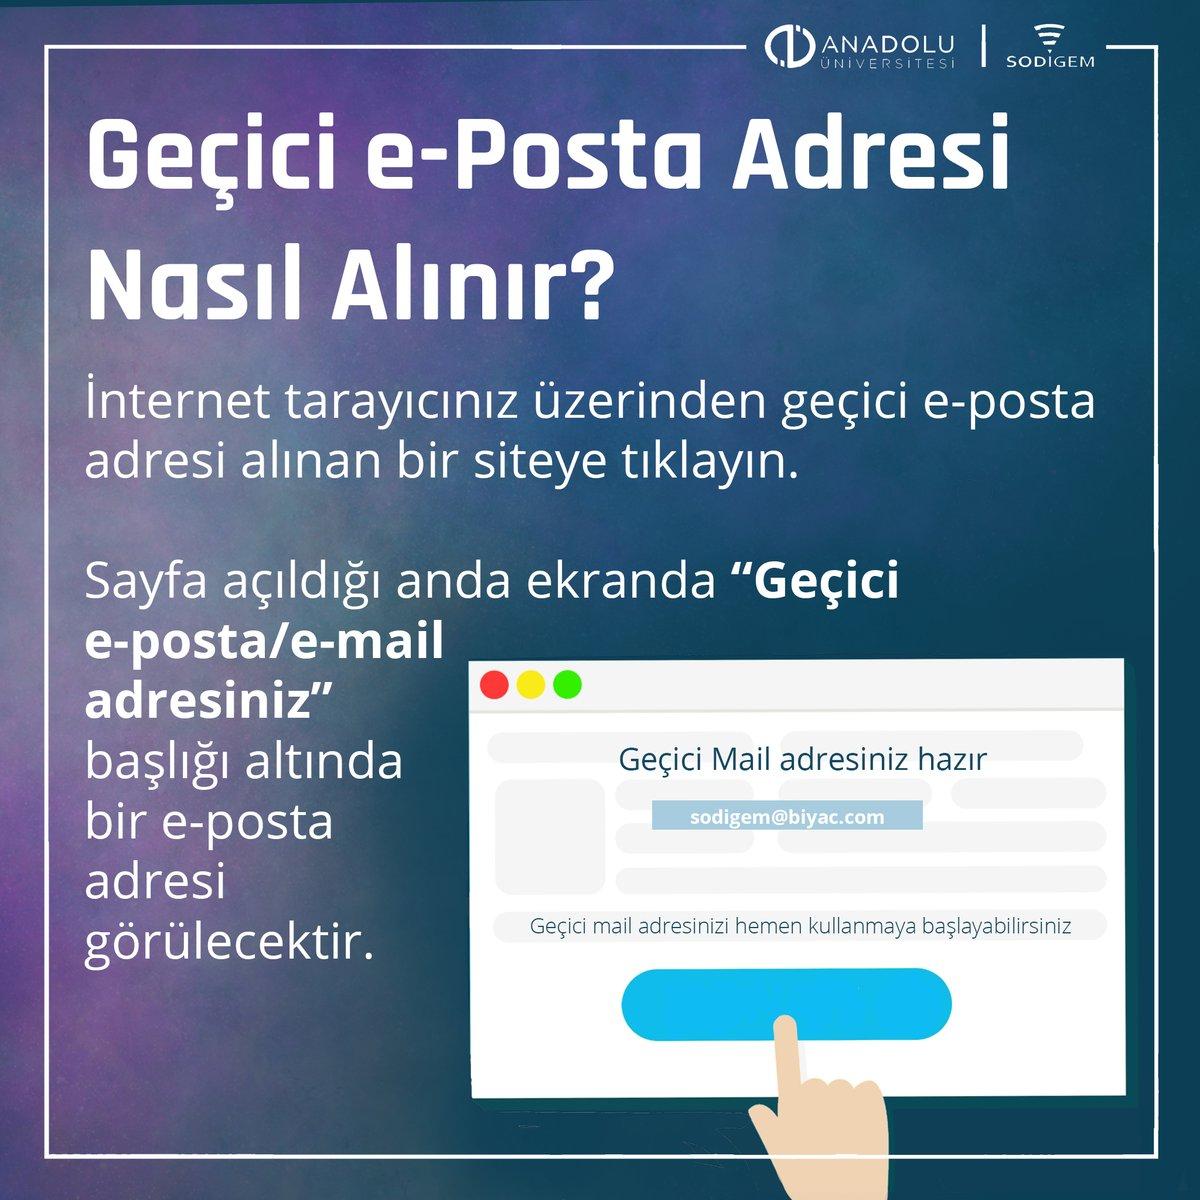 Geçici e-posta nedir?  #sodigem #geçicieposta #tekkullanımlıkmail #EmailMarketing #email #anonymous #illustration @Anadolu_Univ